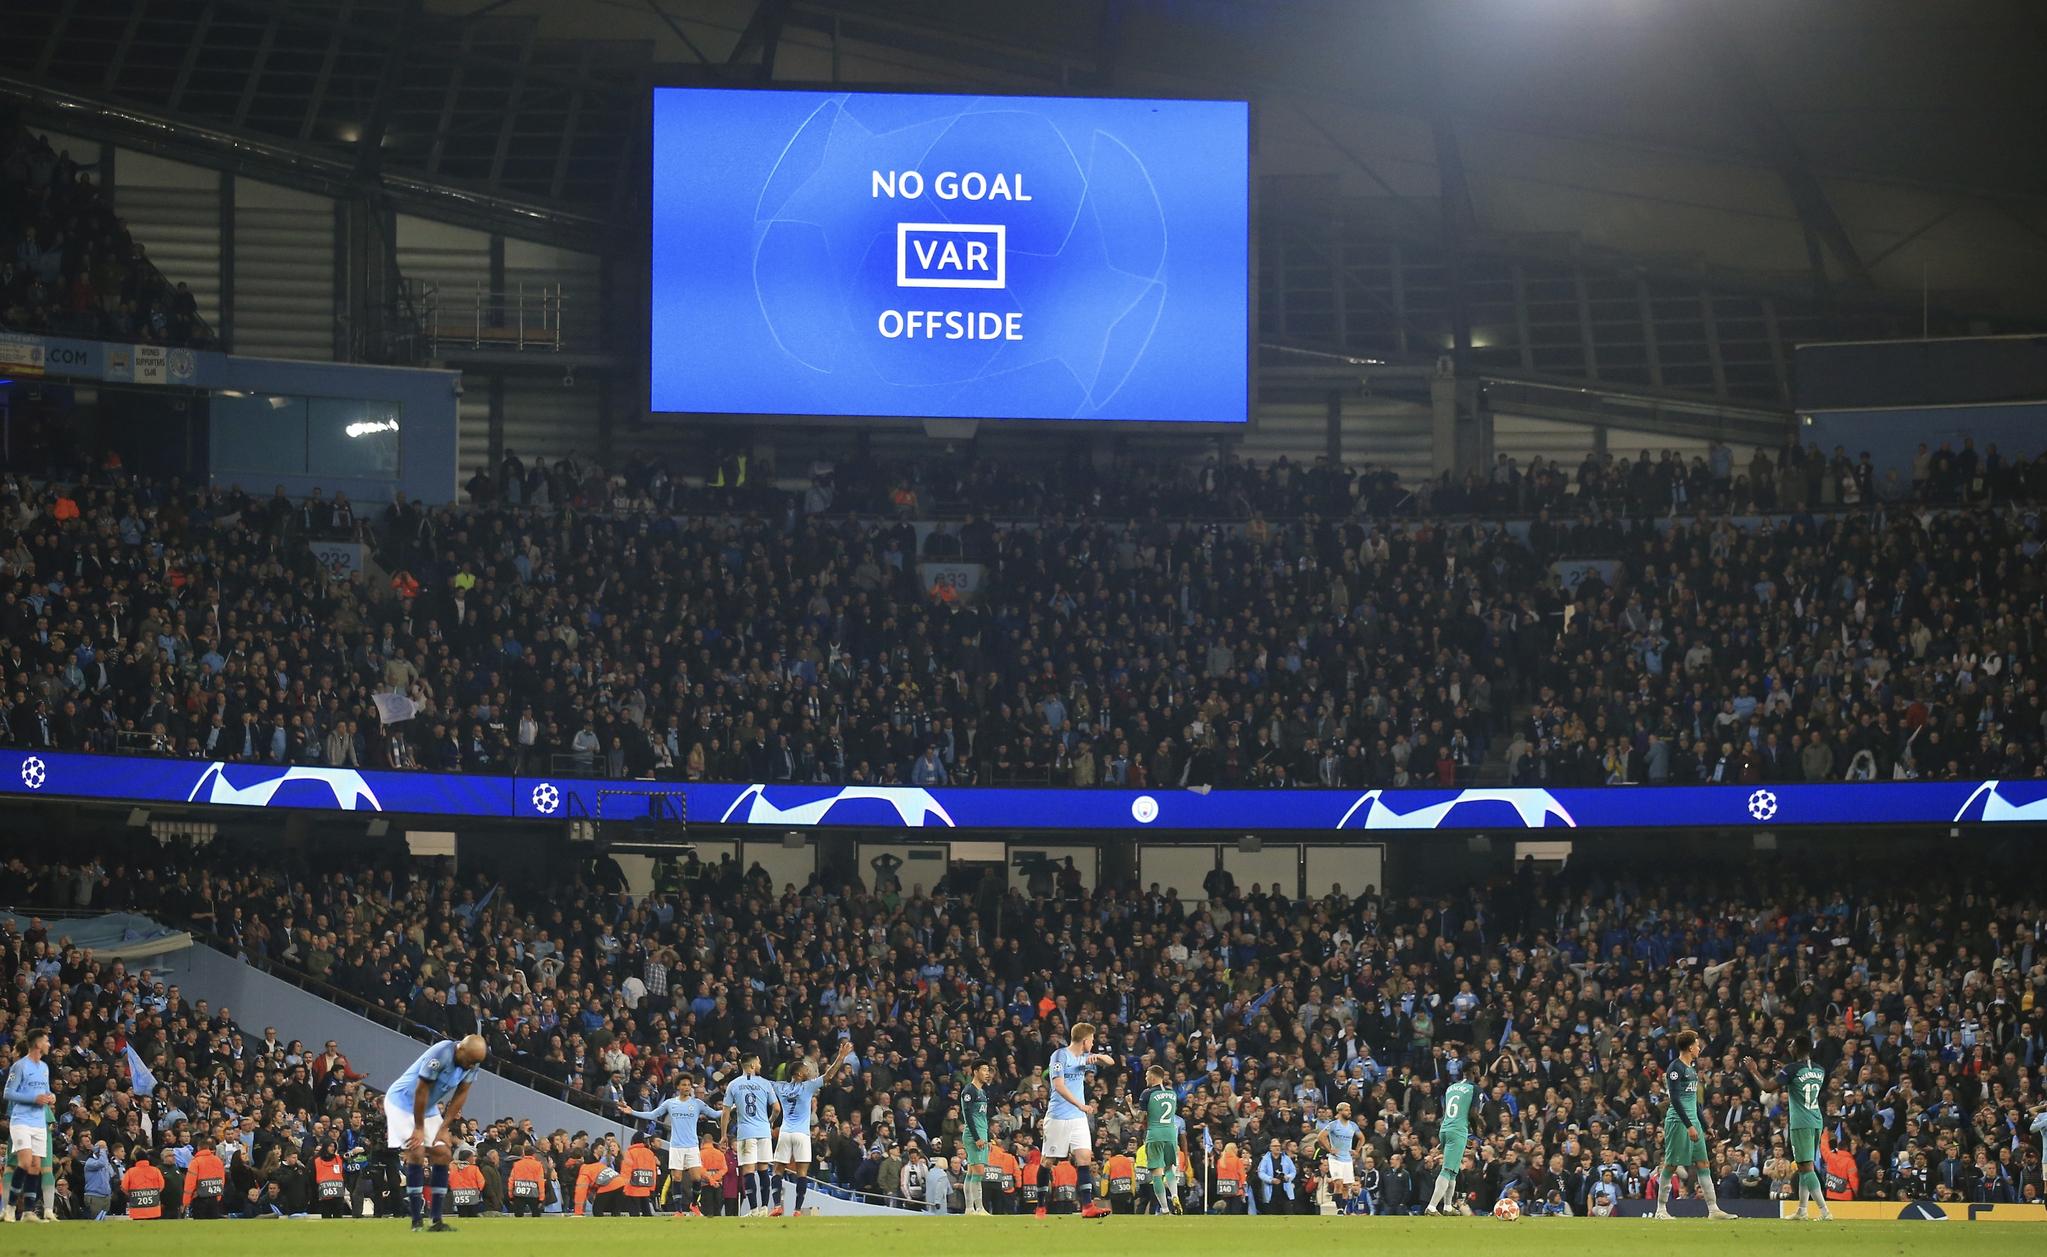 맨시티가 토트넘과 유럽 챔피언스리그 8강 2차전 후반 추가시간 골망을 흔들었지만 비디오판독 끝에 노골이 선언됐다. [AP=연합뉴스]